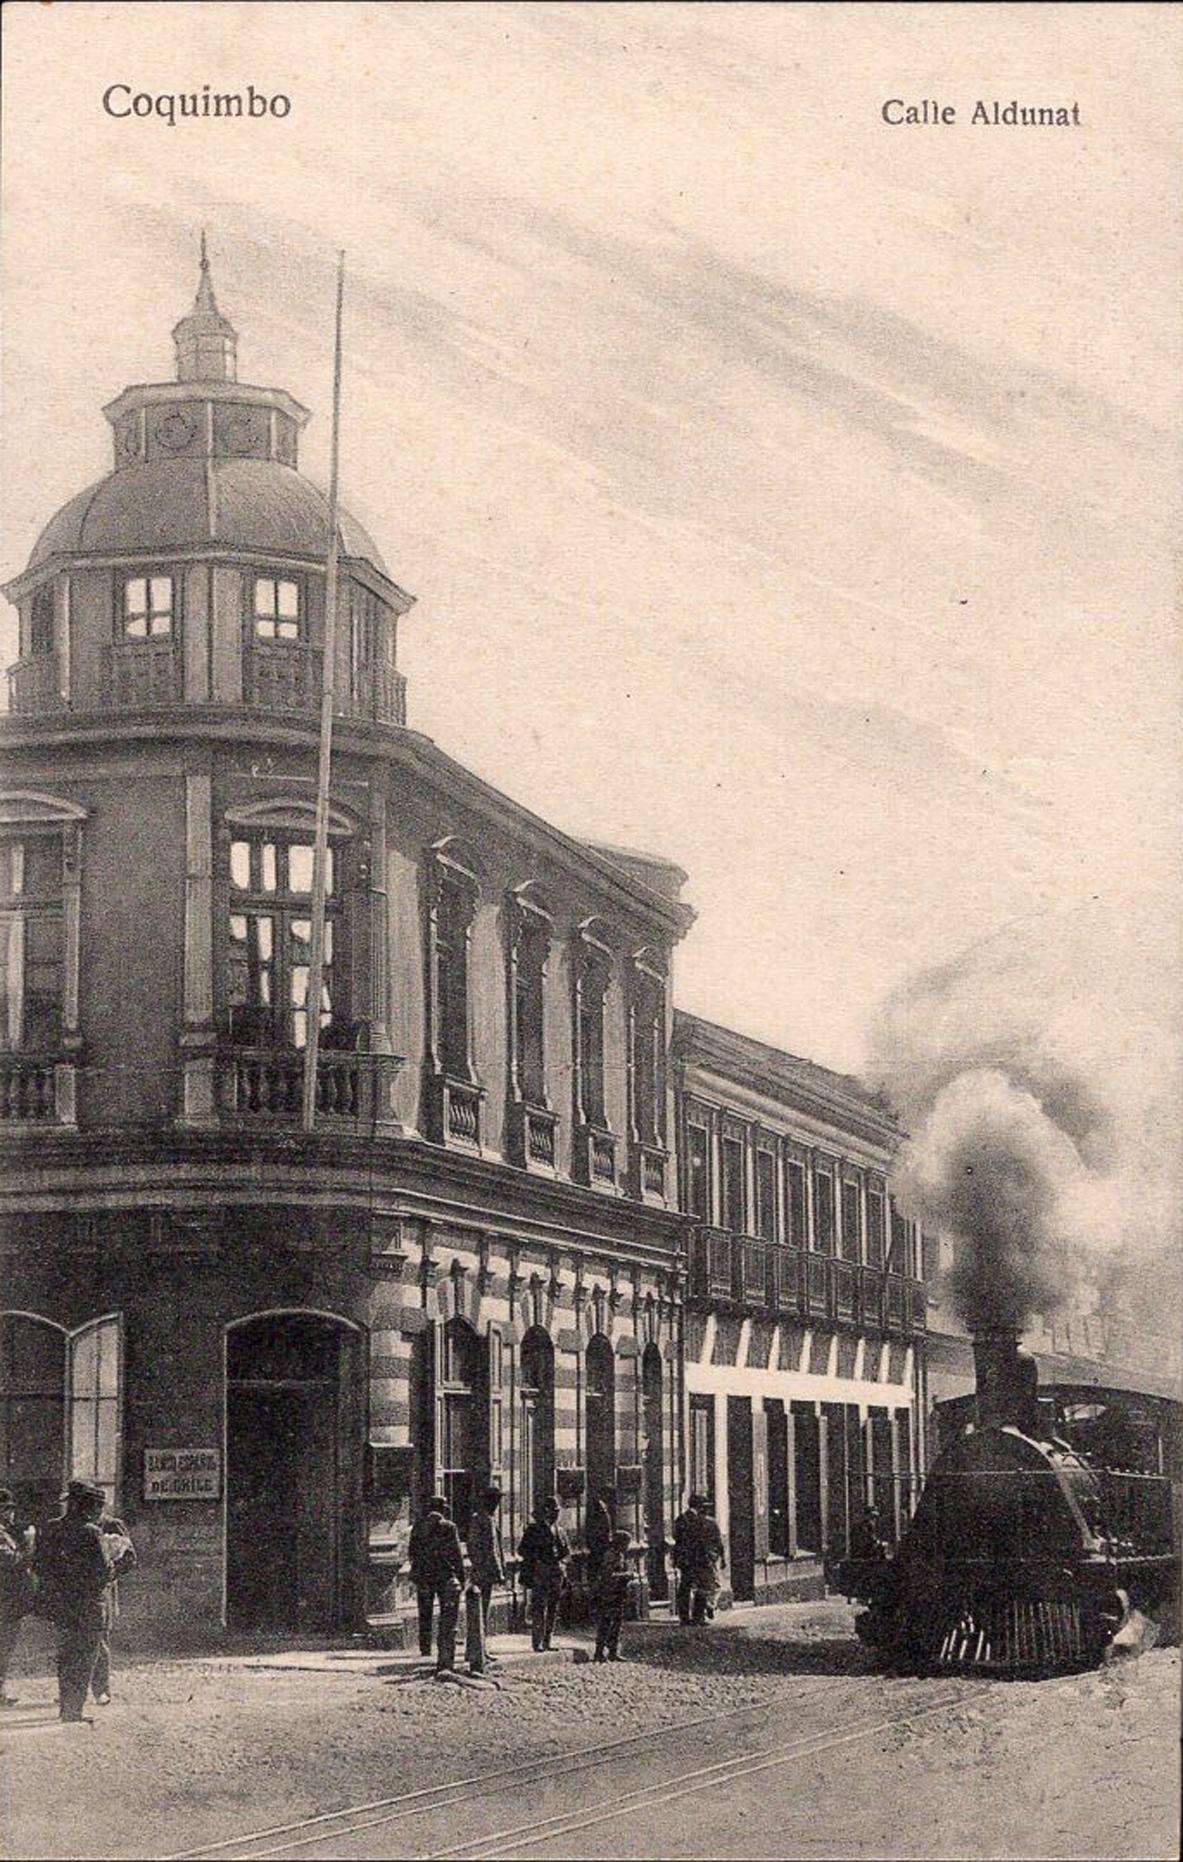 Enterreno - Fotos históricas de chile - fotos antiguas de Chile - Calle Aldunate de Coquimbo en 1920